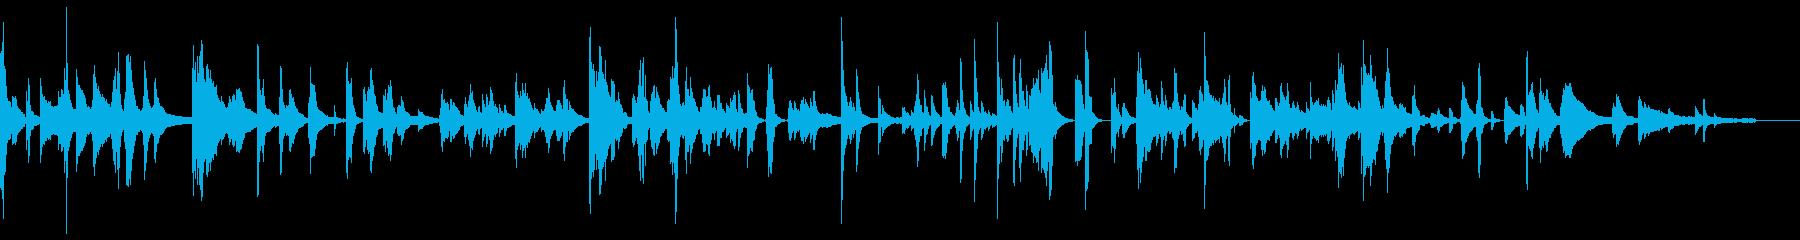 思考がはじけ飛んだカオス空間-ピアノソロの再生済みの波形